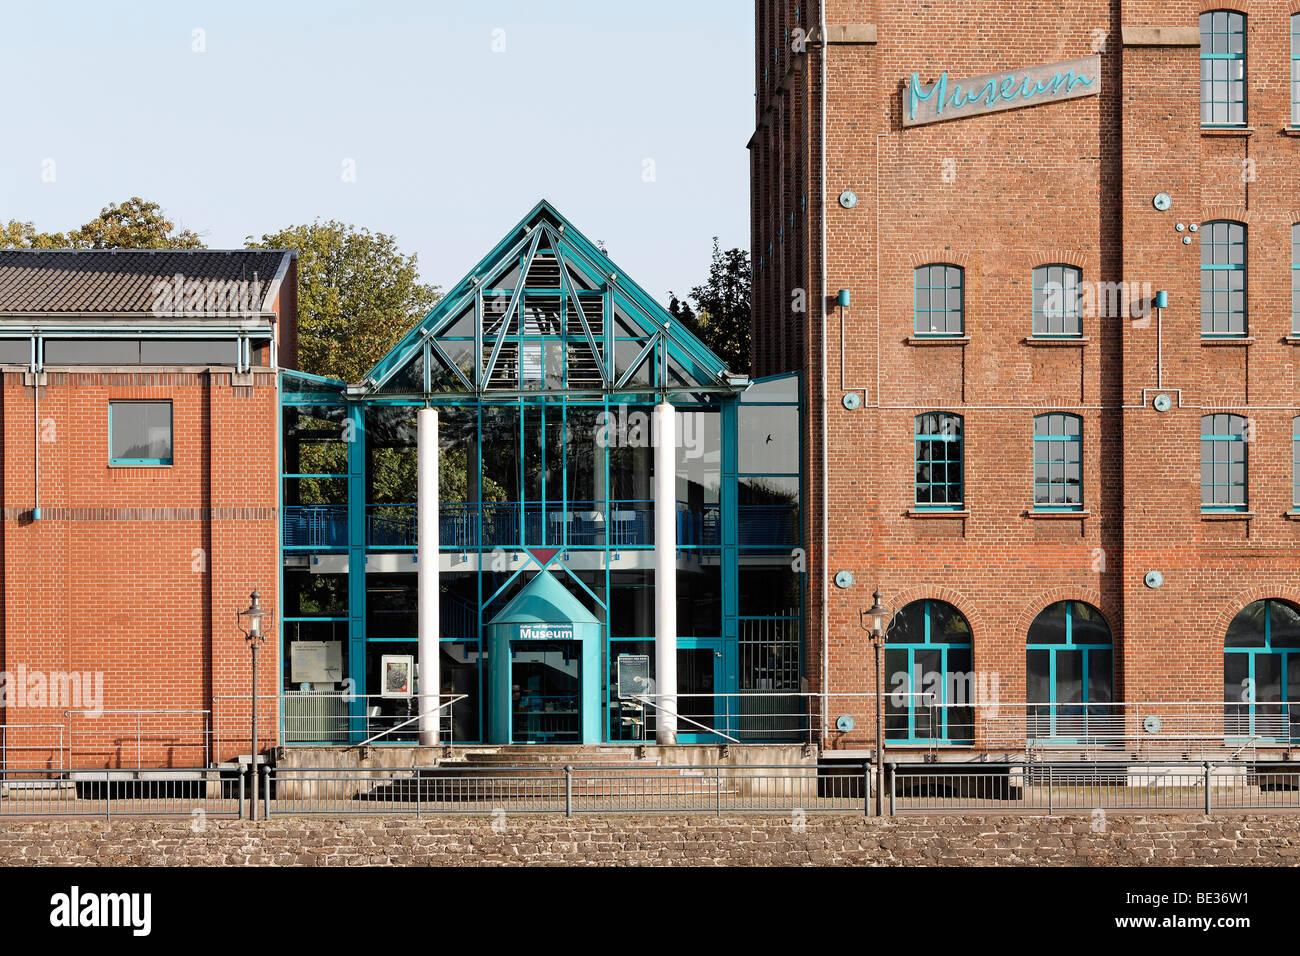 Kultur Und Stadthistorisches Museum kulturelle und historische Museum der Stadt, ehemalige Lagerhalle, Innenhafen, Stockbild